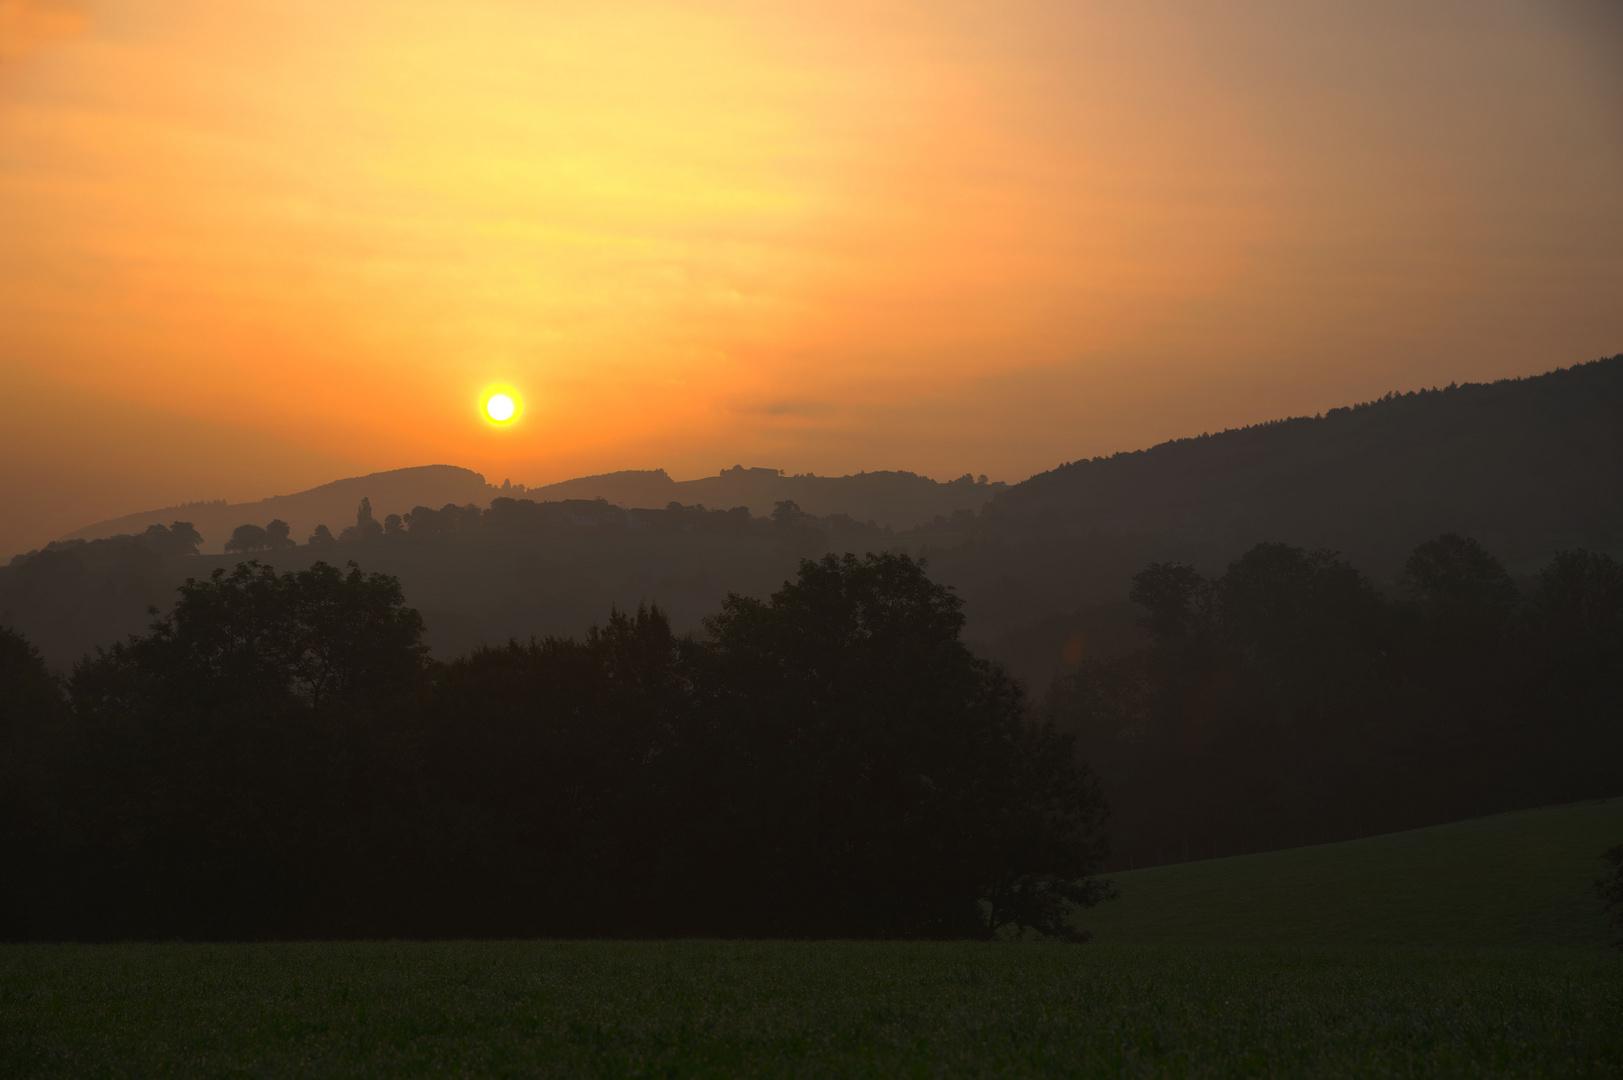 Sonnenaufgang im Mostviertel